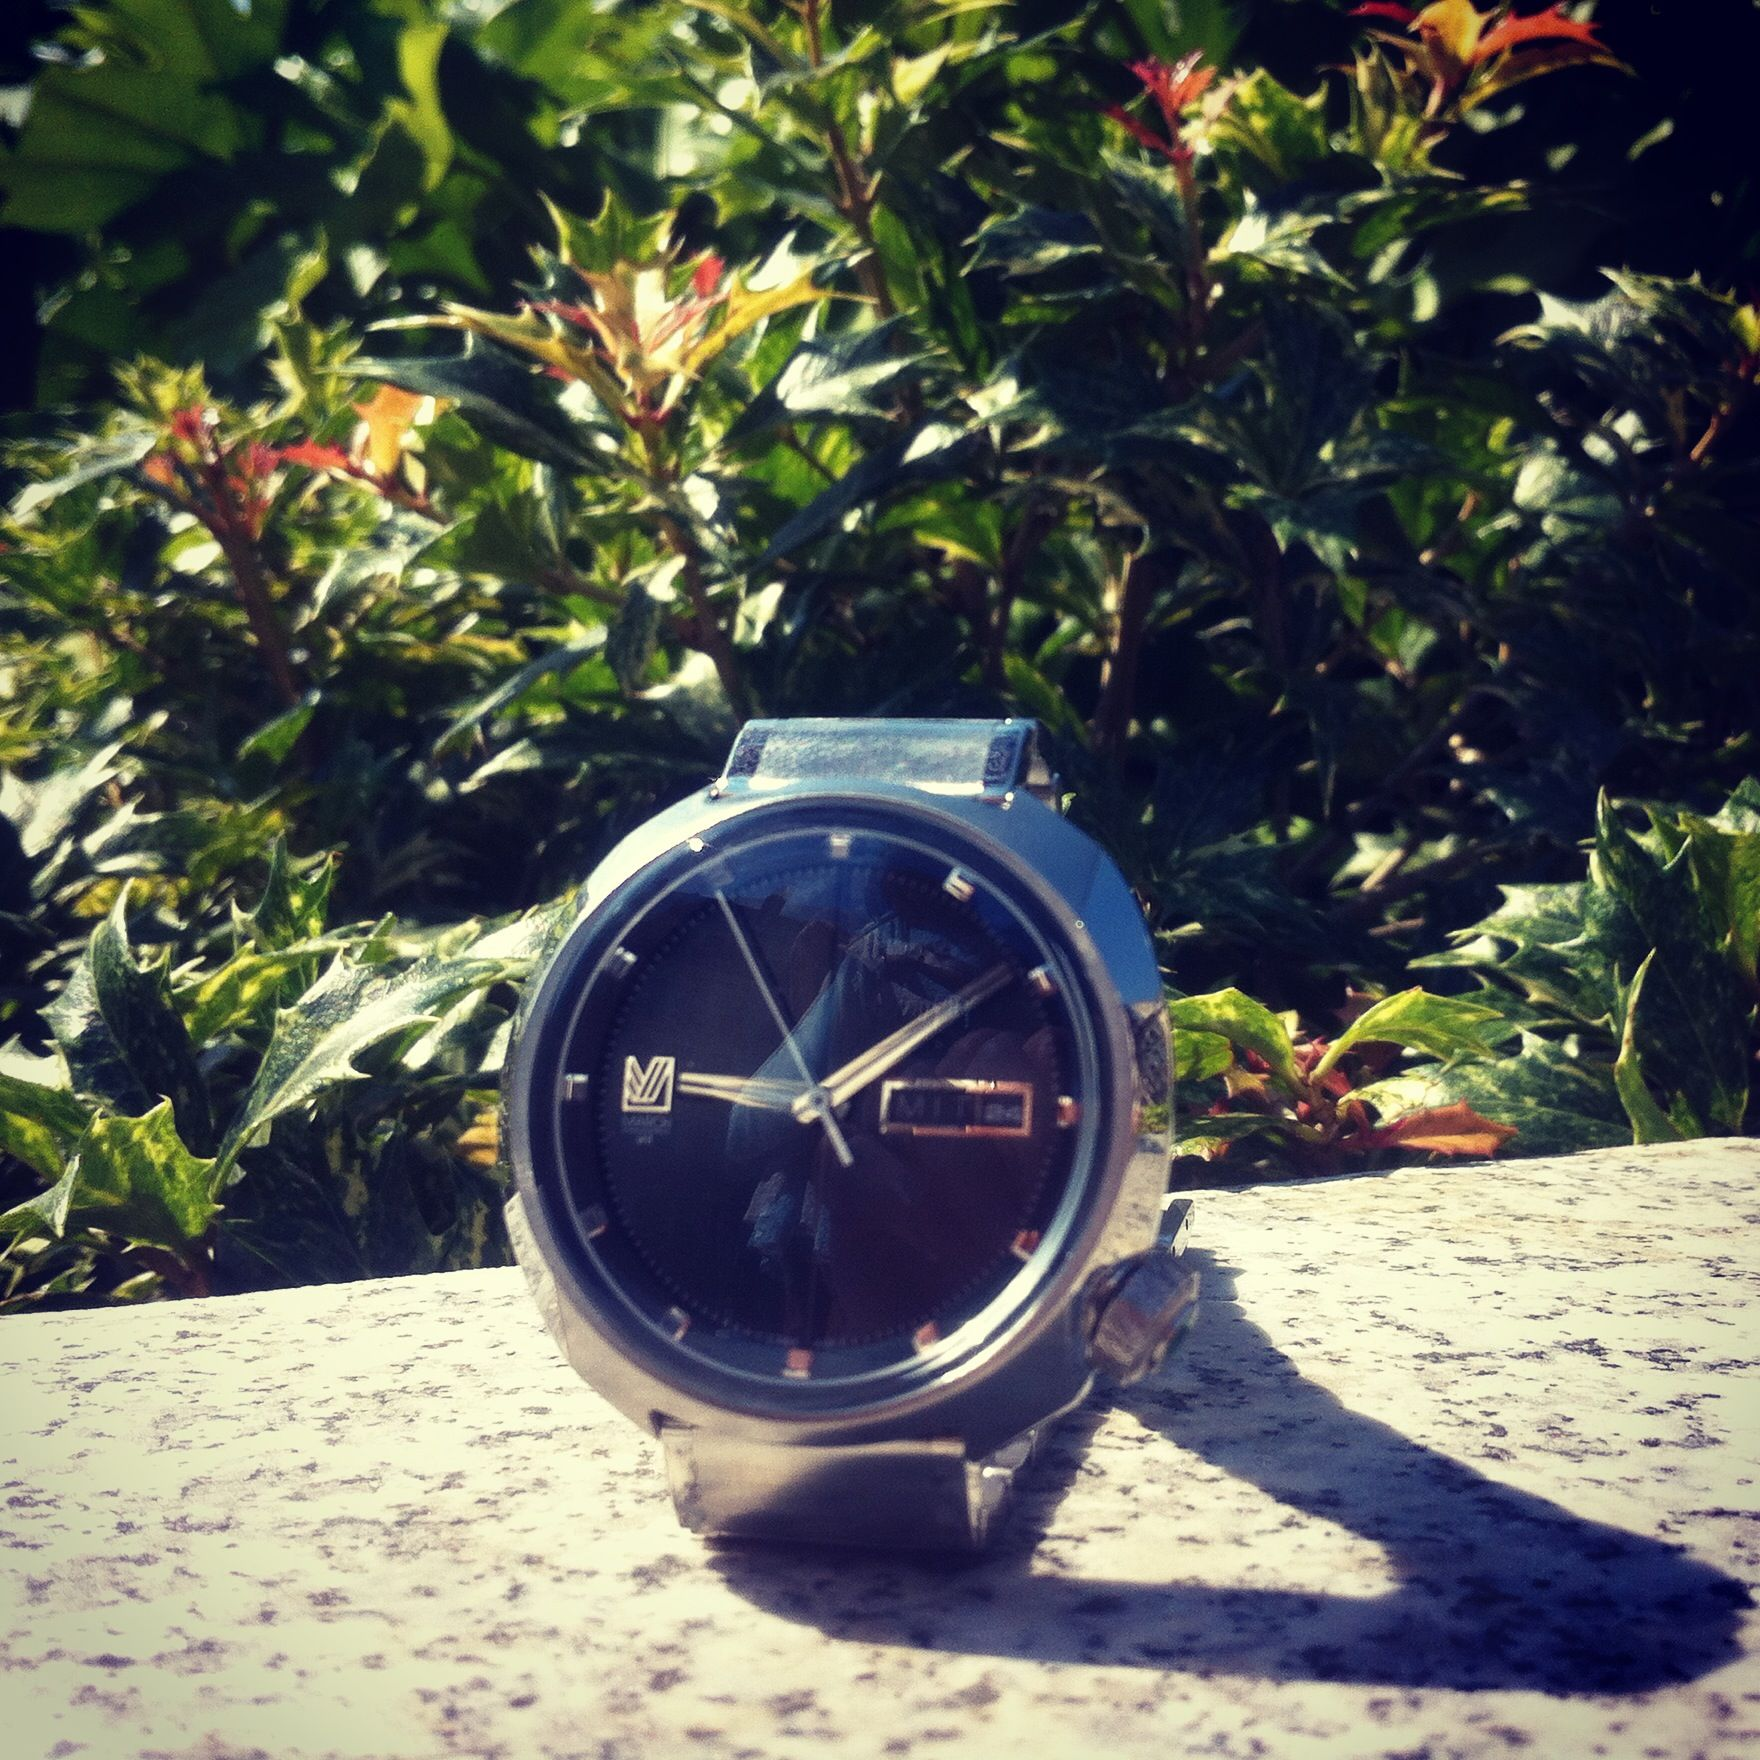 marchlab montre watches timefy acier vert dandy